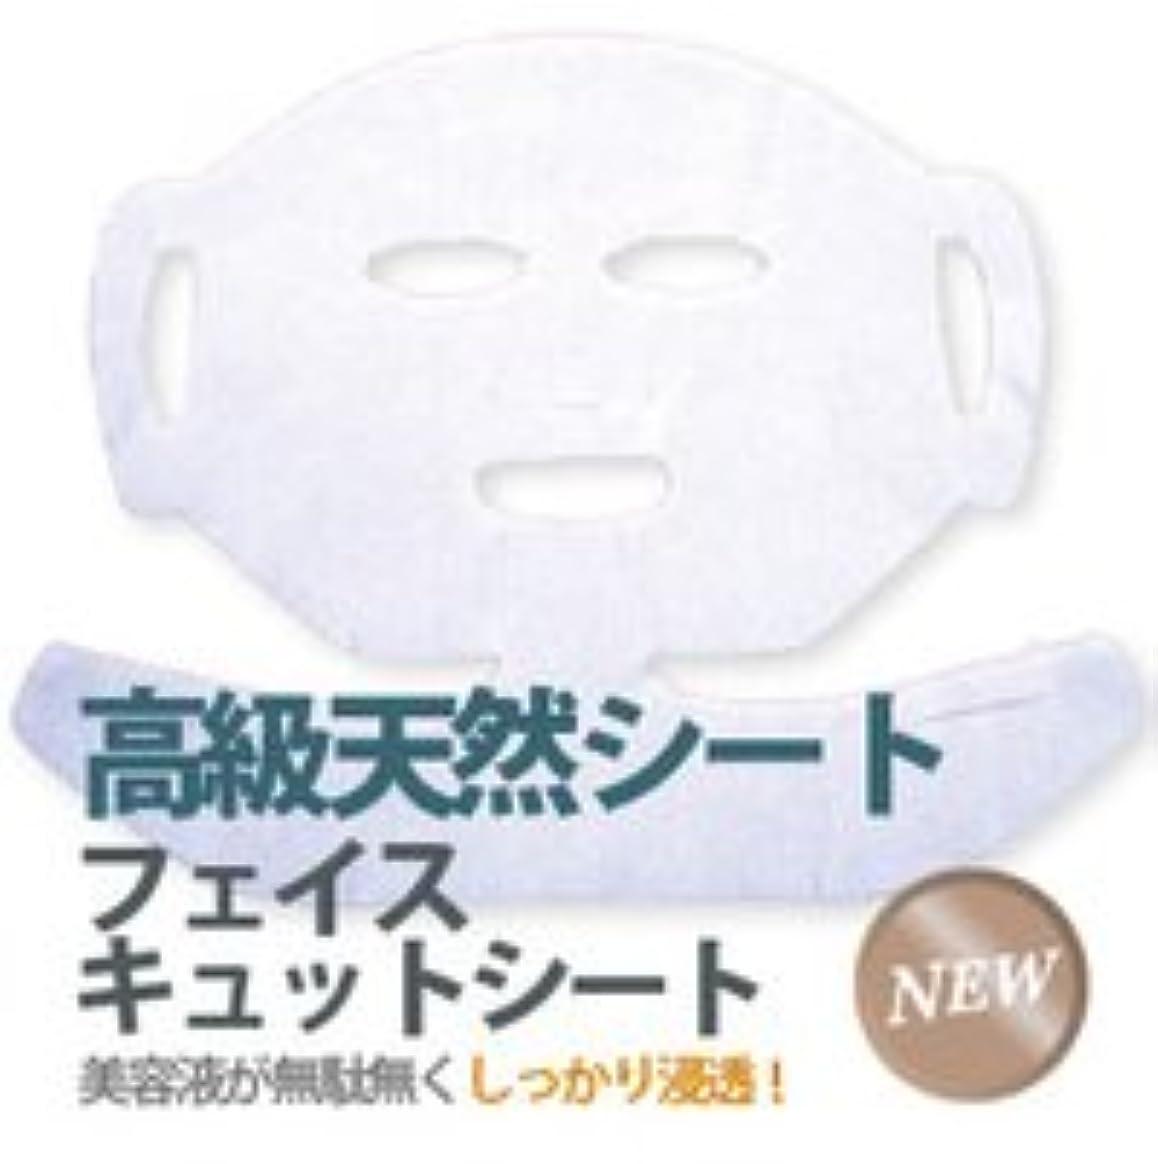 毛布高い販売計画フェイスキュットシート 【100枚入】